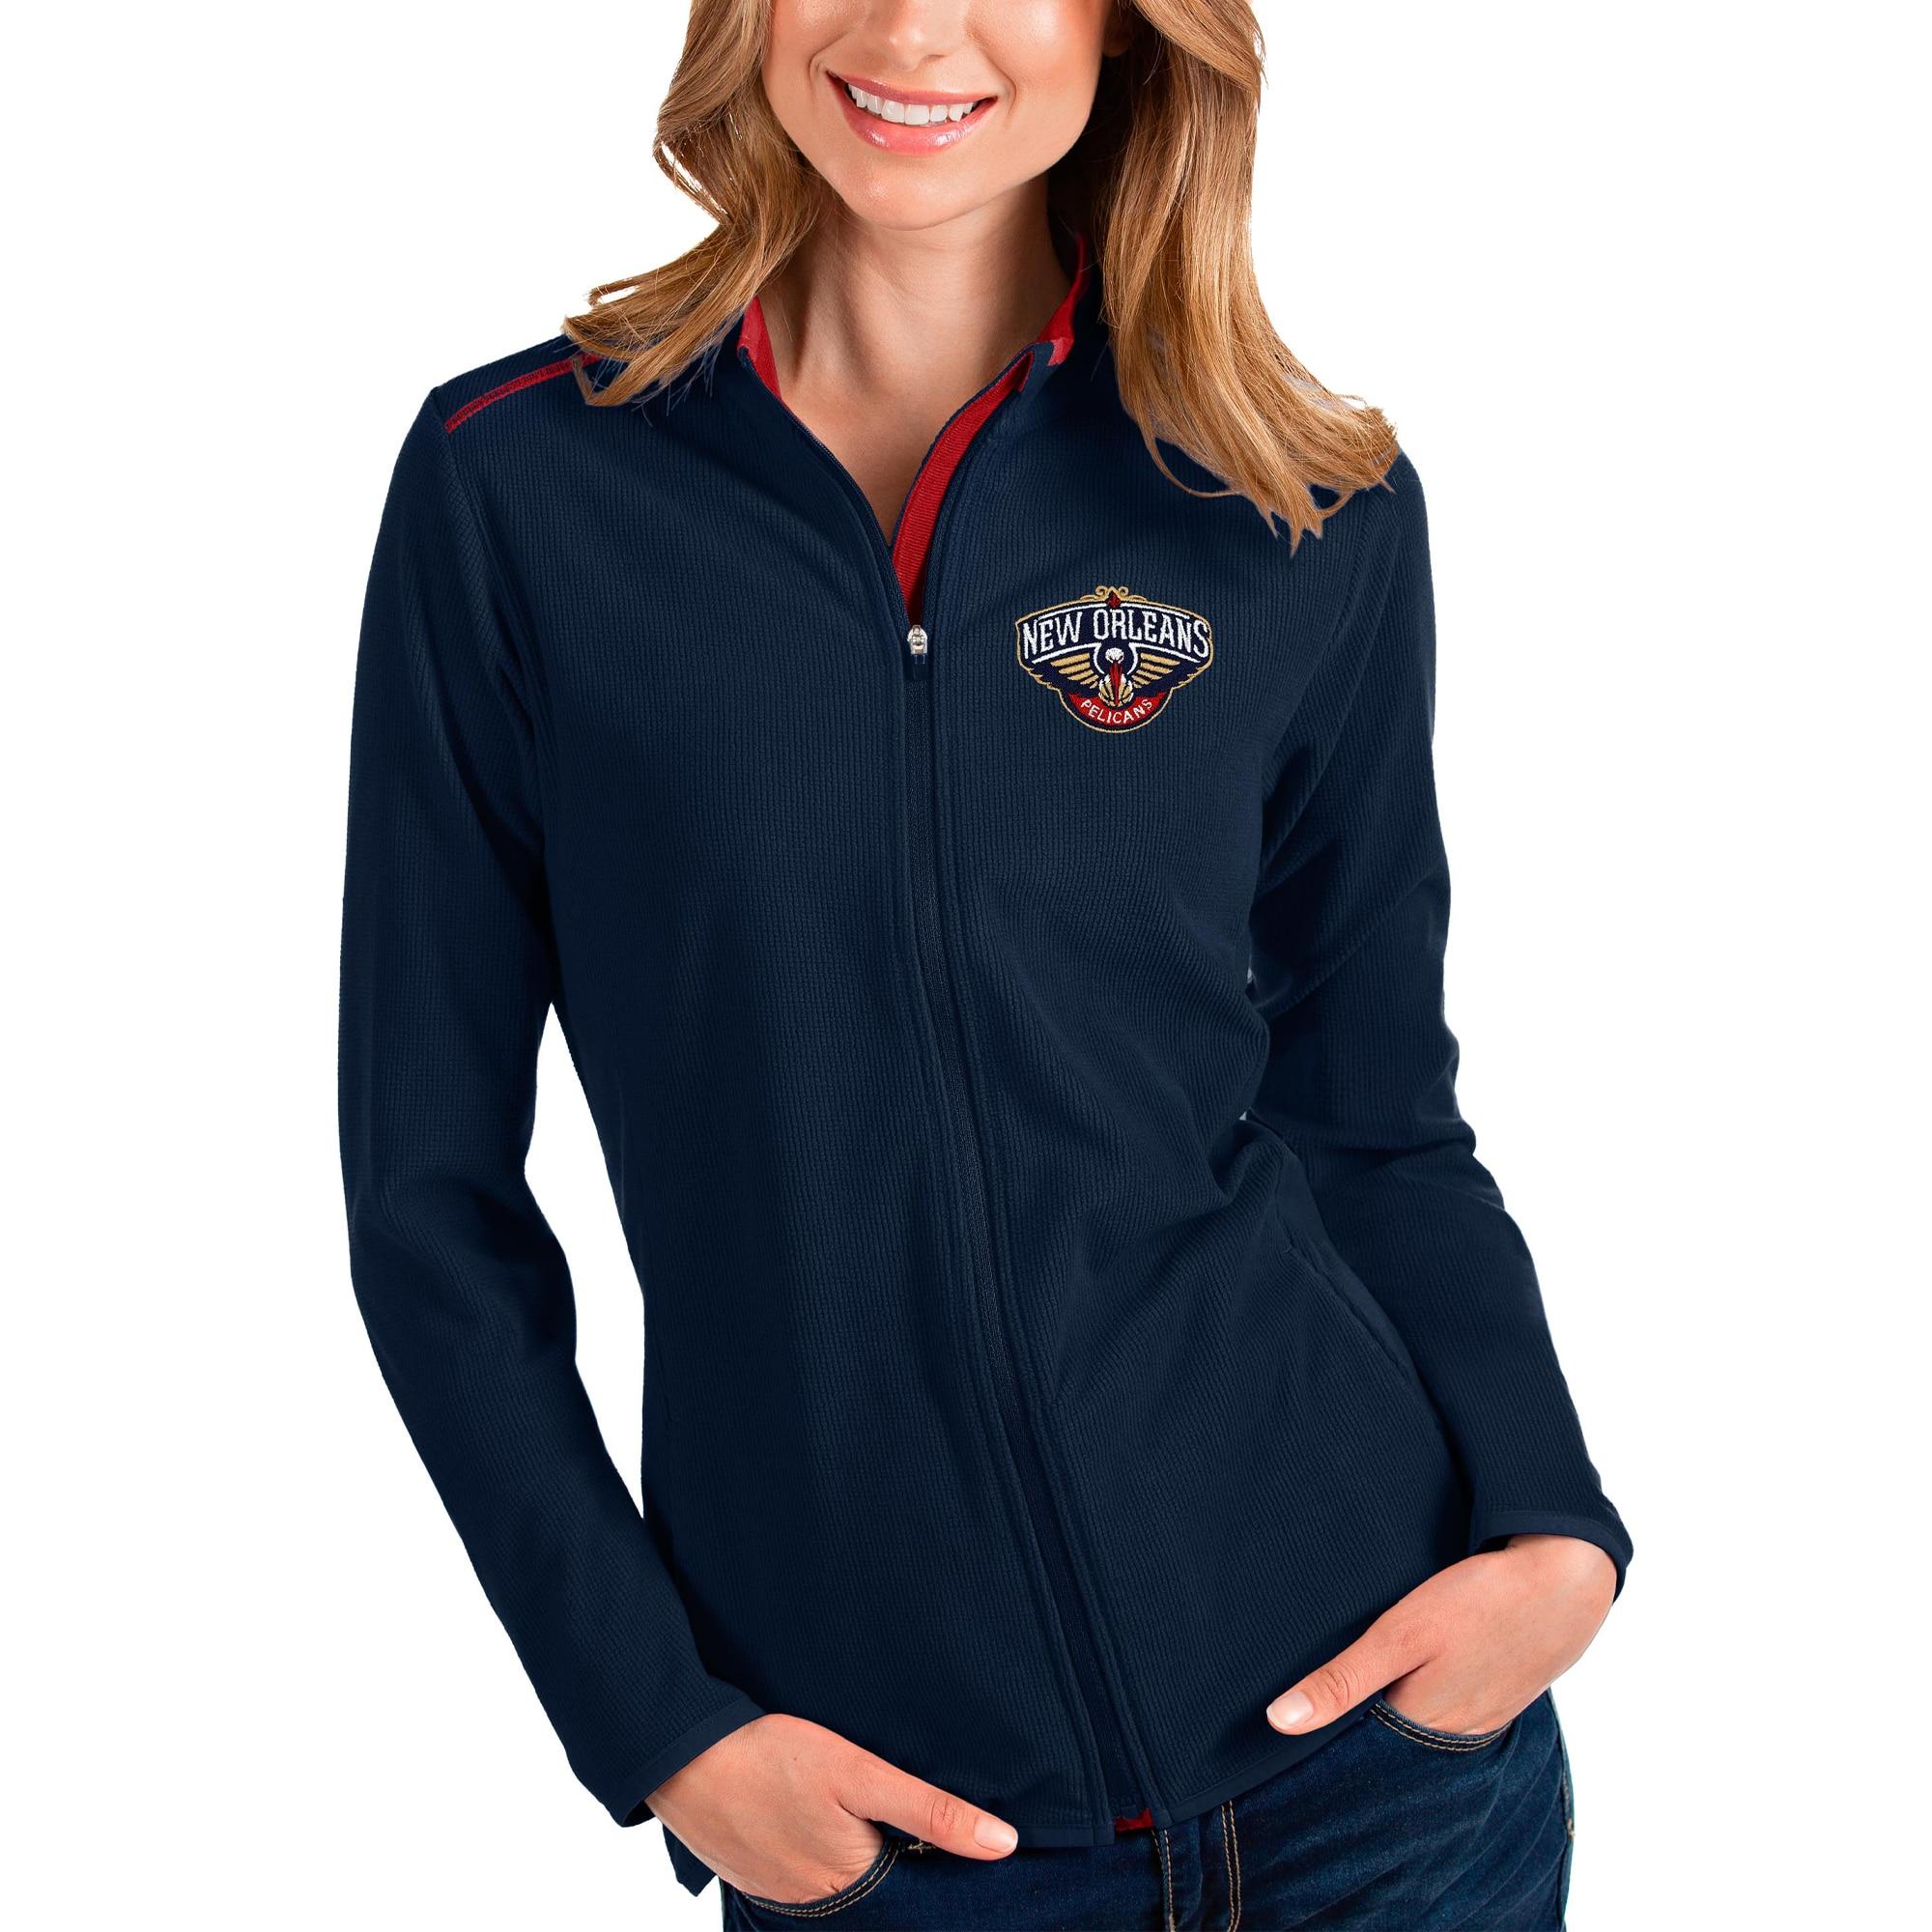 New Orleans Pelicans Antigua Women's Glacier Full-Zip Jacket - Navy/Red